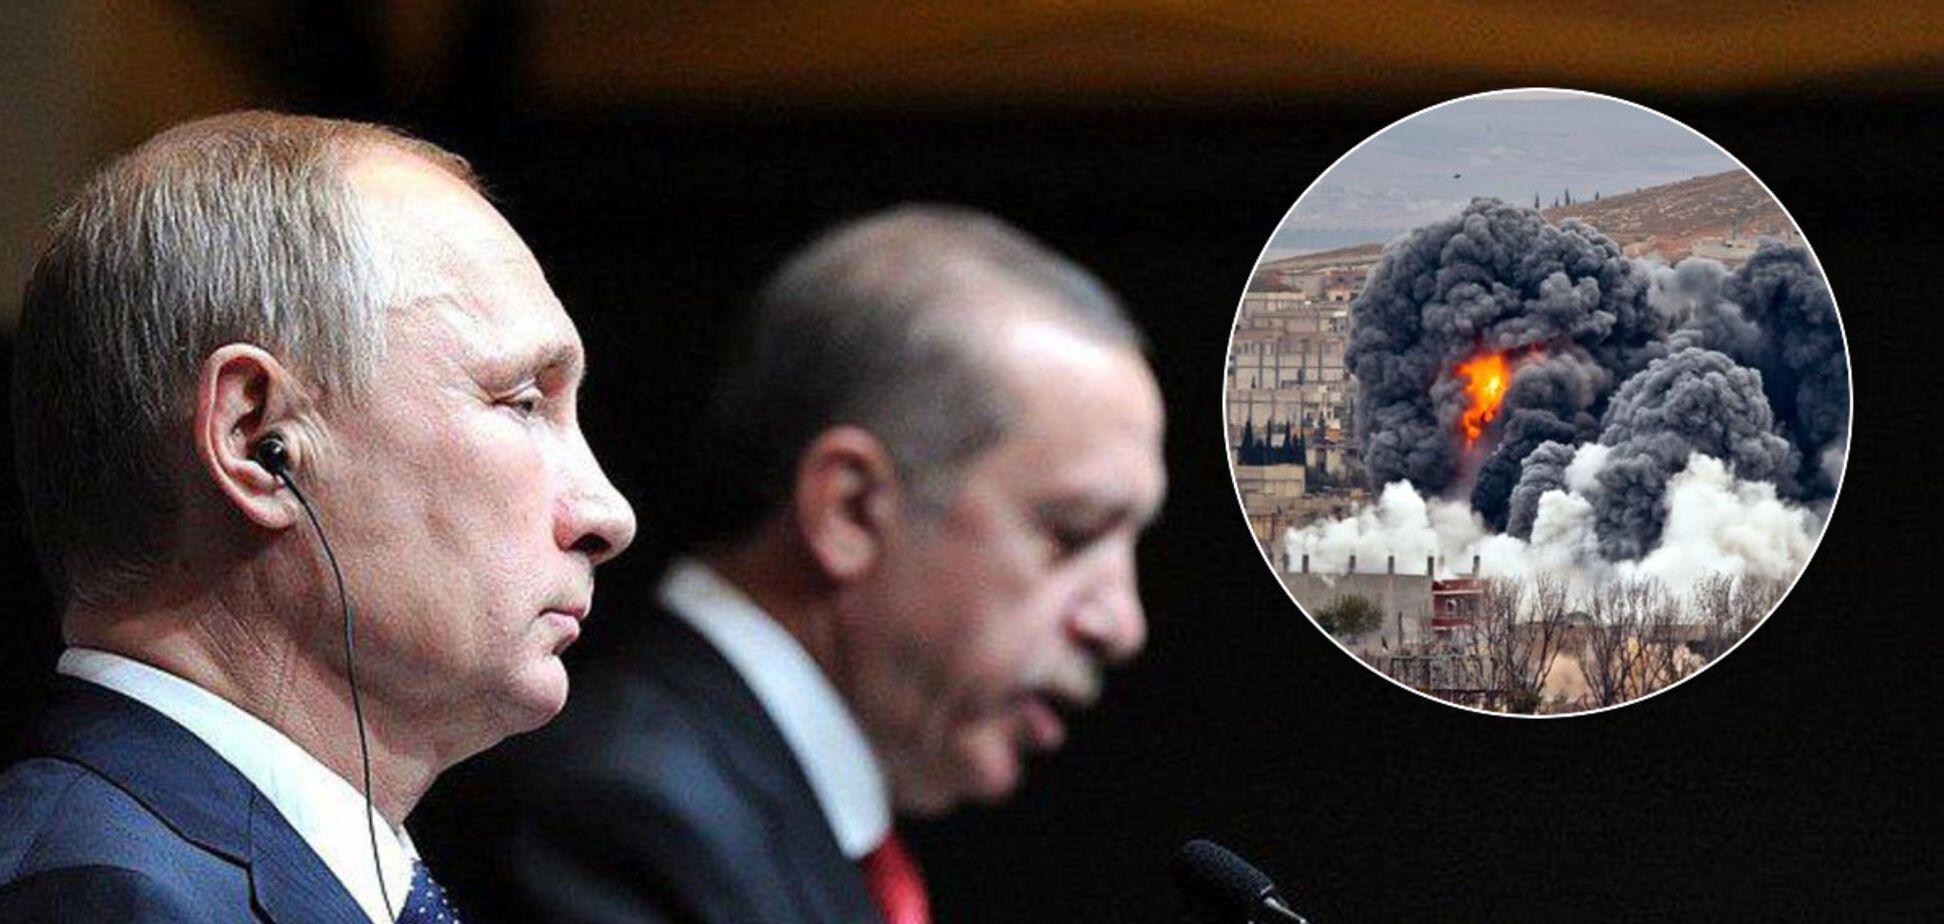 России грозит война со страной НАТО? Чем закончится обострение в Сирии